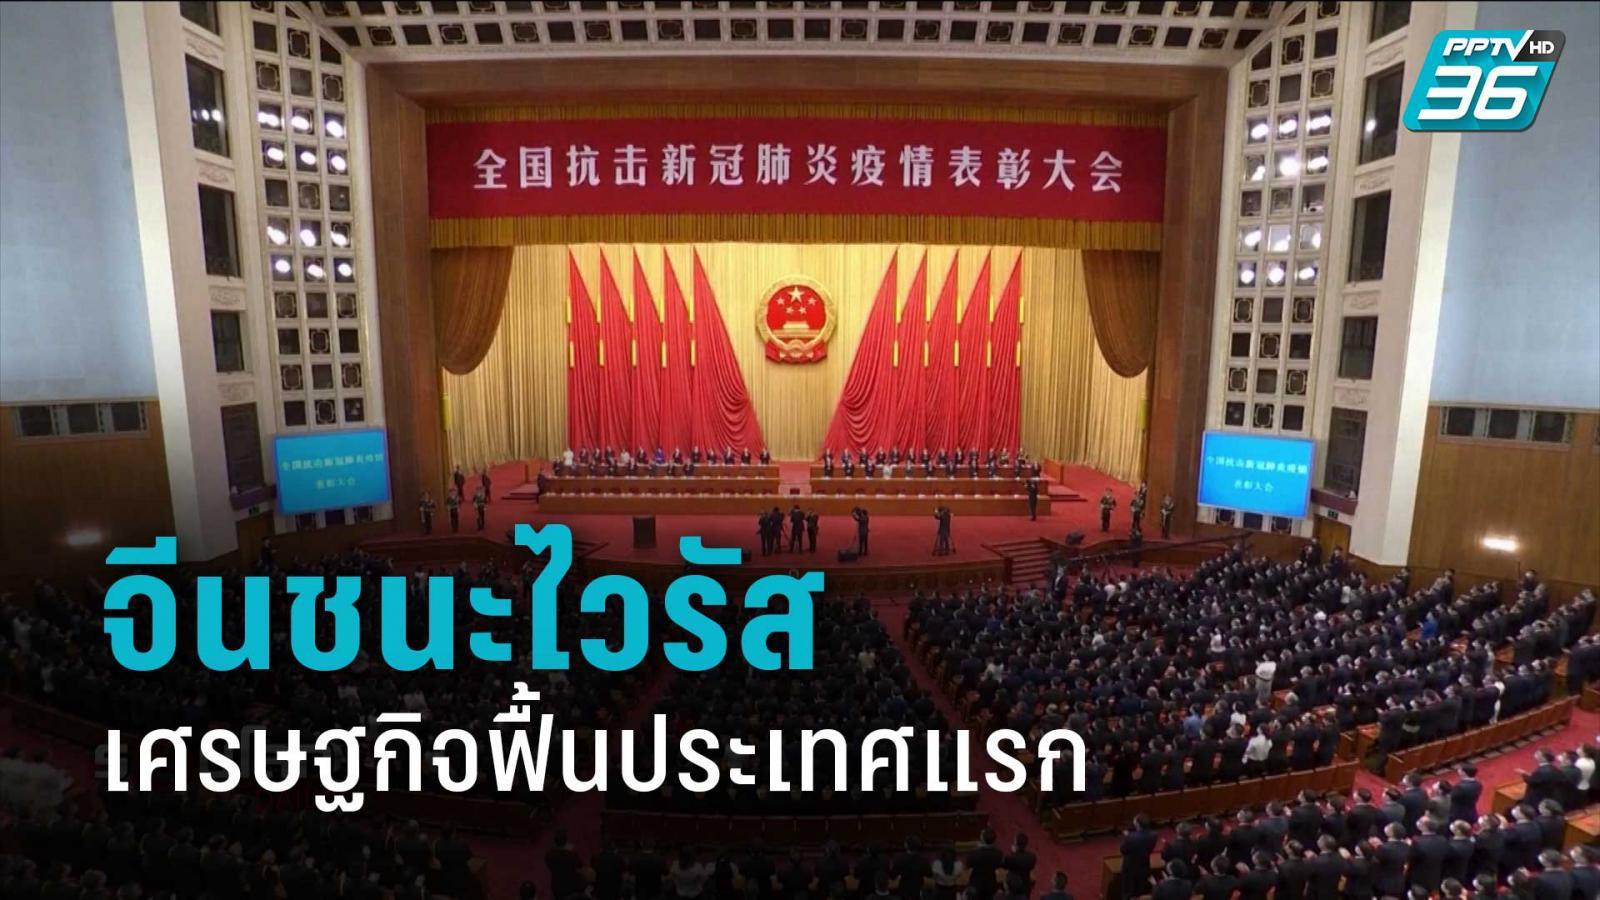 """""""สี จิ้นผิง"""" ประกาศชัยชนะเหนือโควิด-19 เศรษฐกิจจีนฟื้นตัวประเทศแรก"""